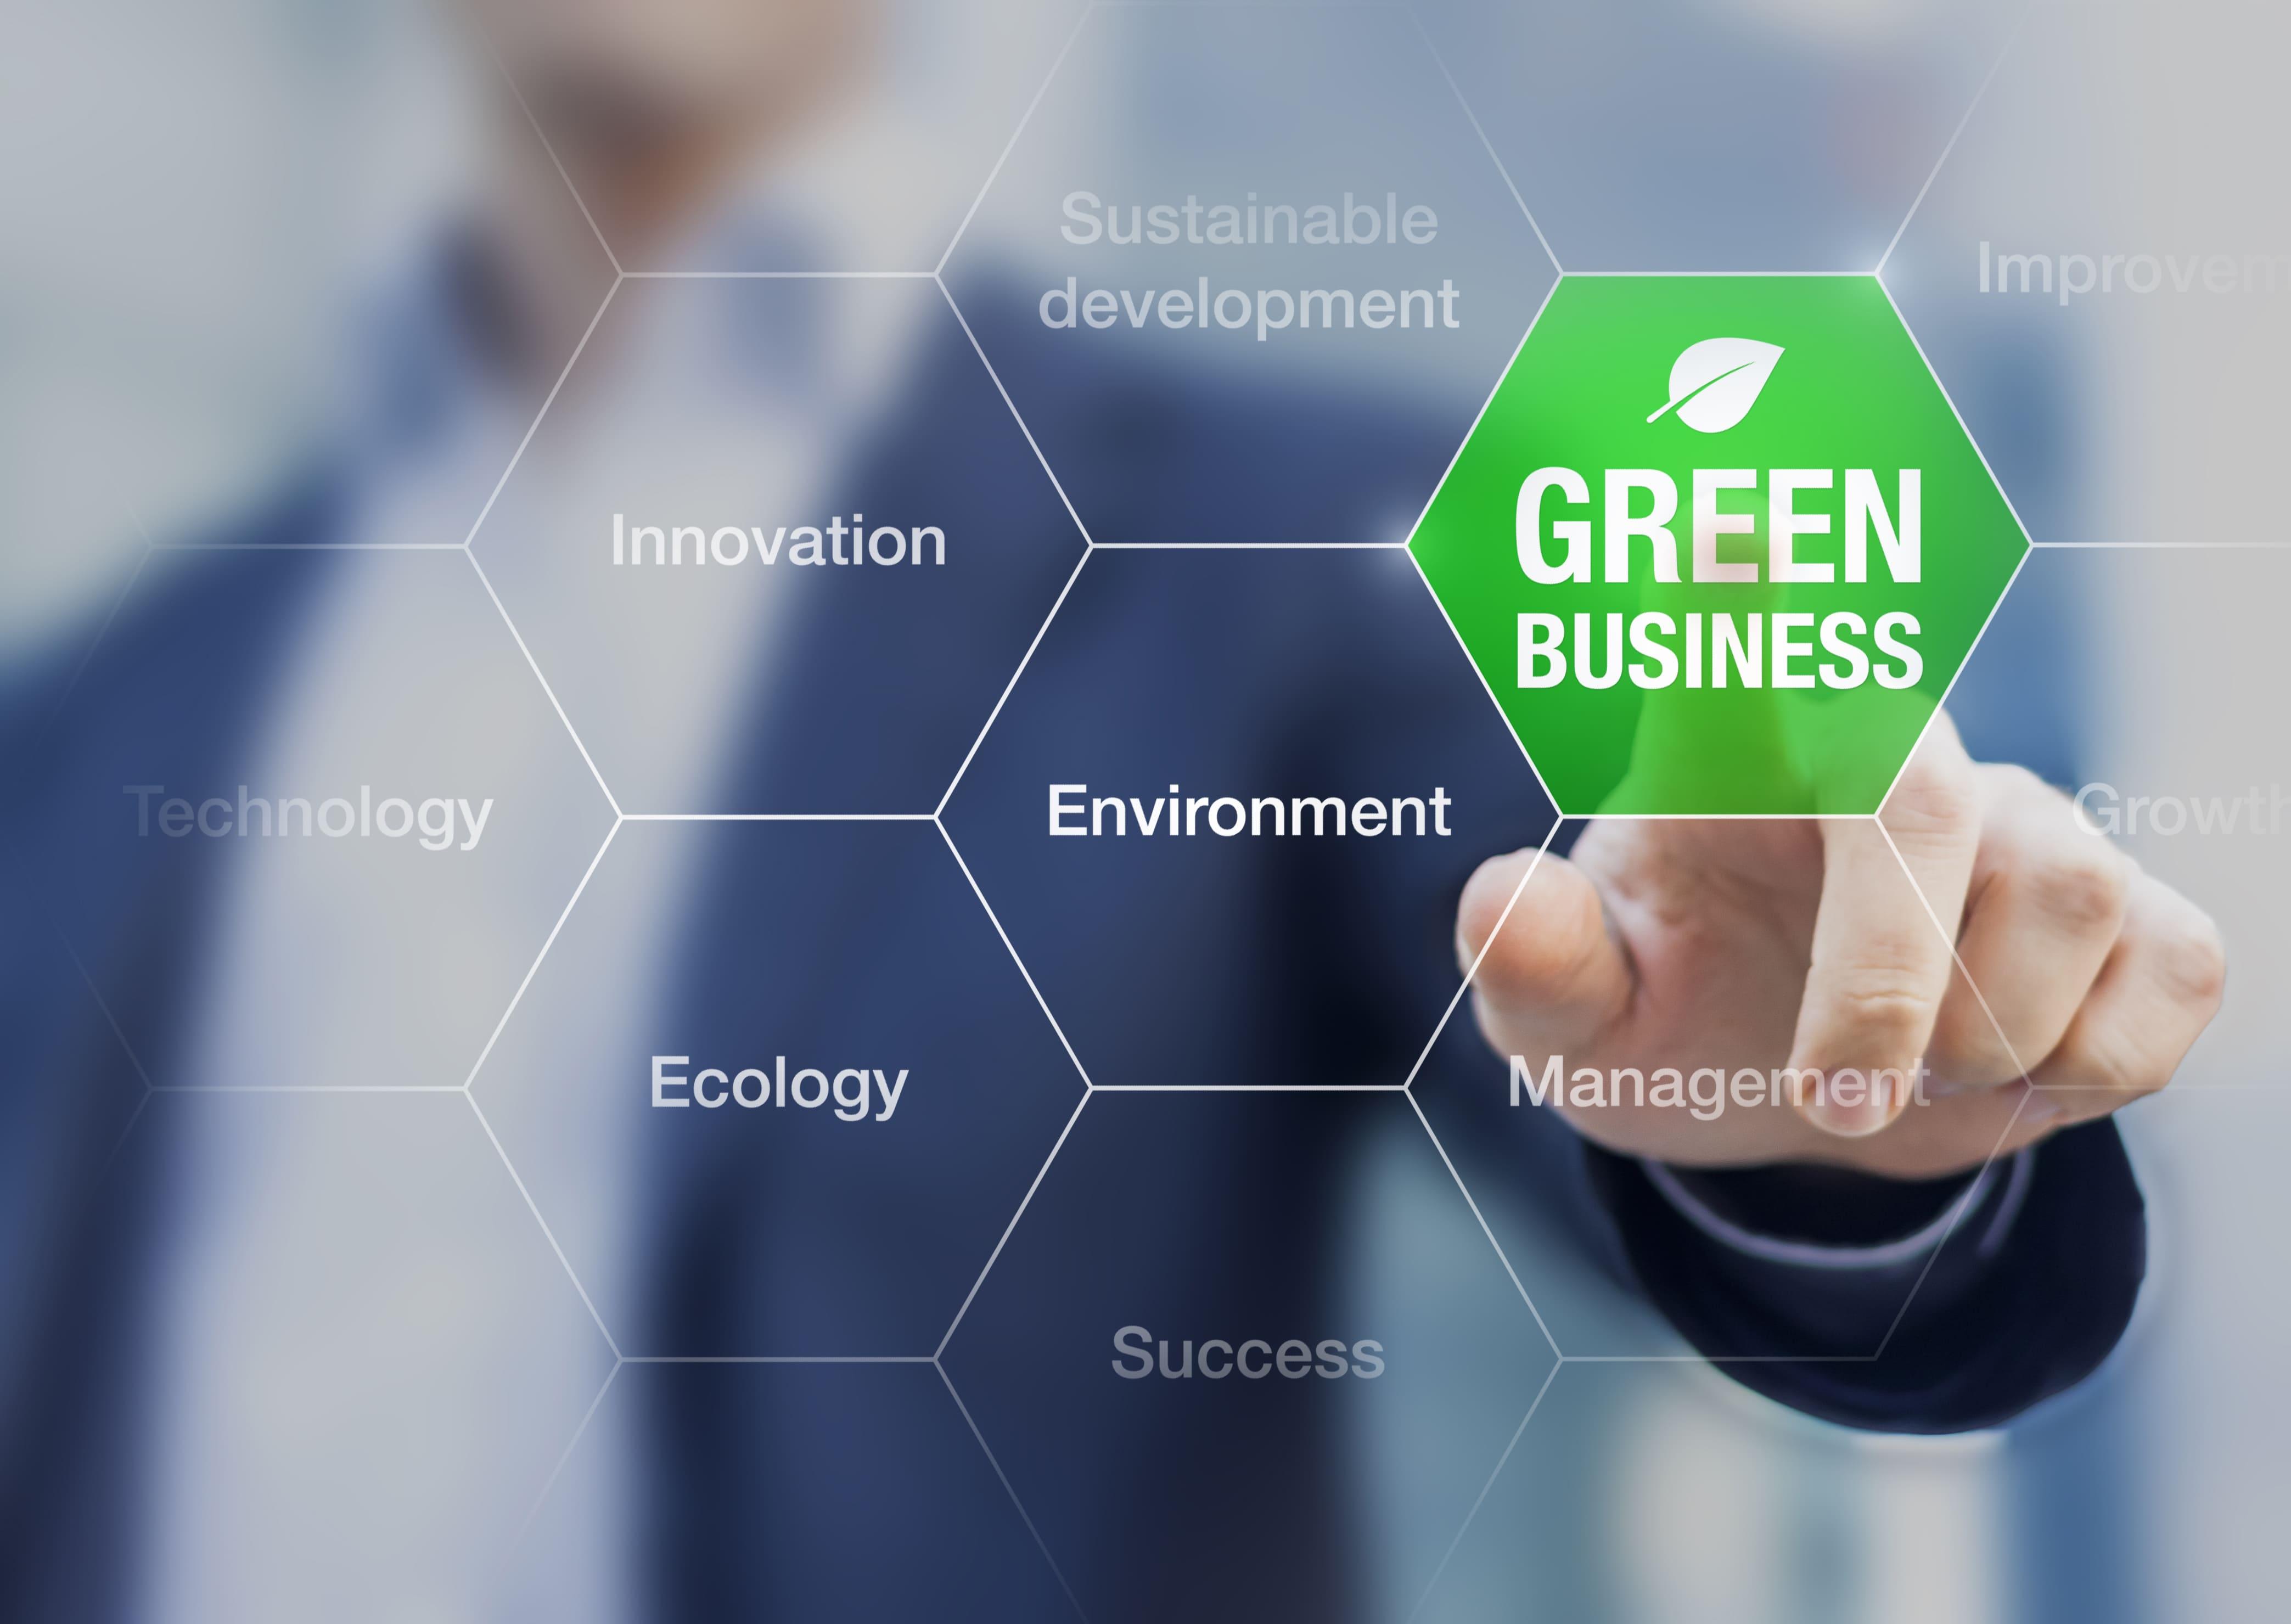 Imagem de um empreendedor apertando um botão de sustentabilidade para remeter ao texto sobre o que é marketing sustentável